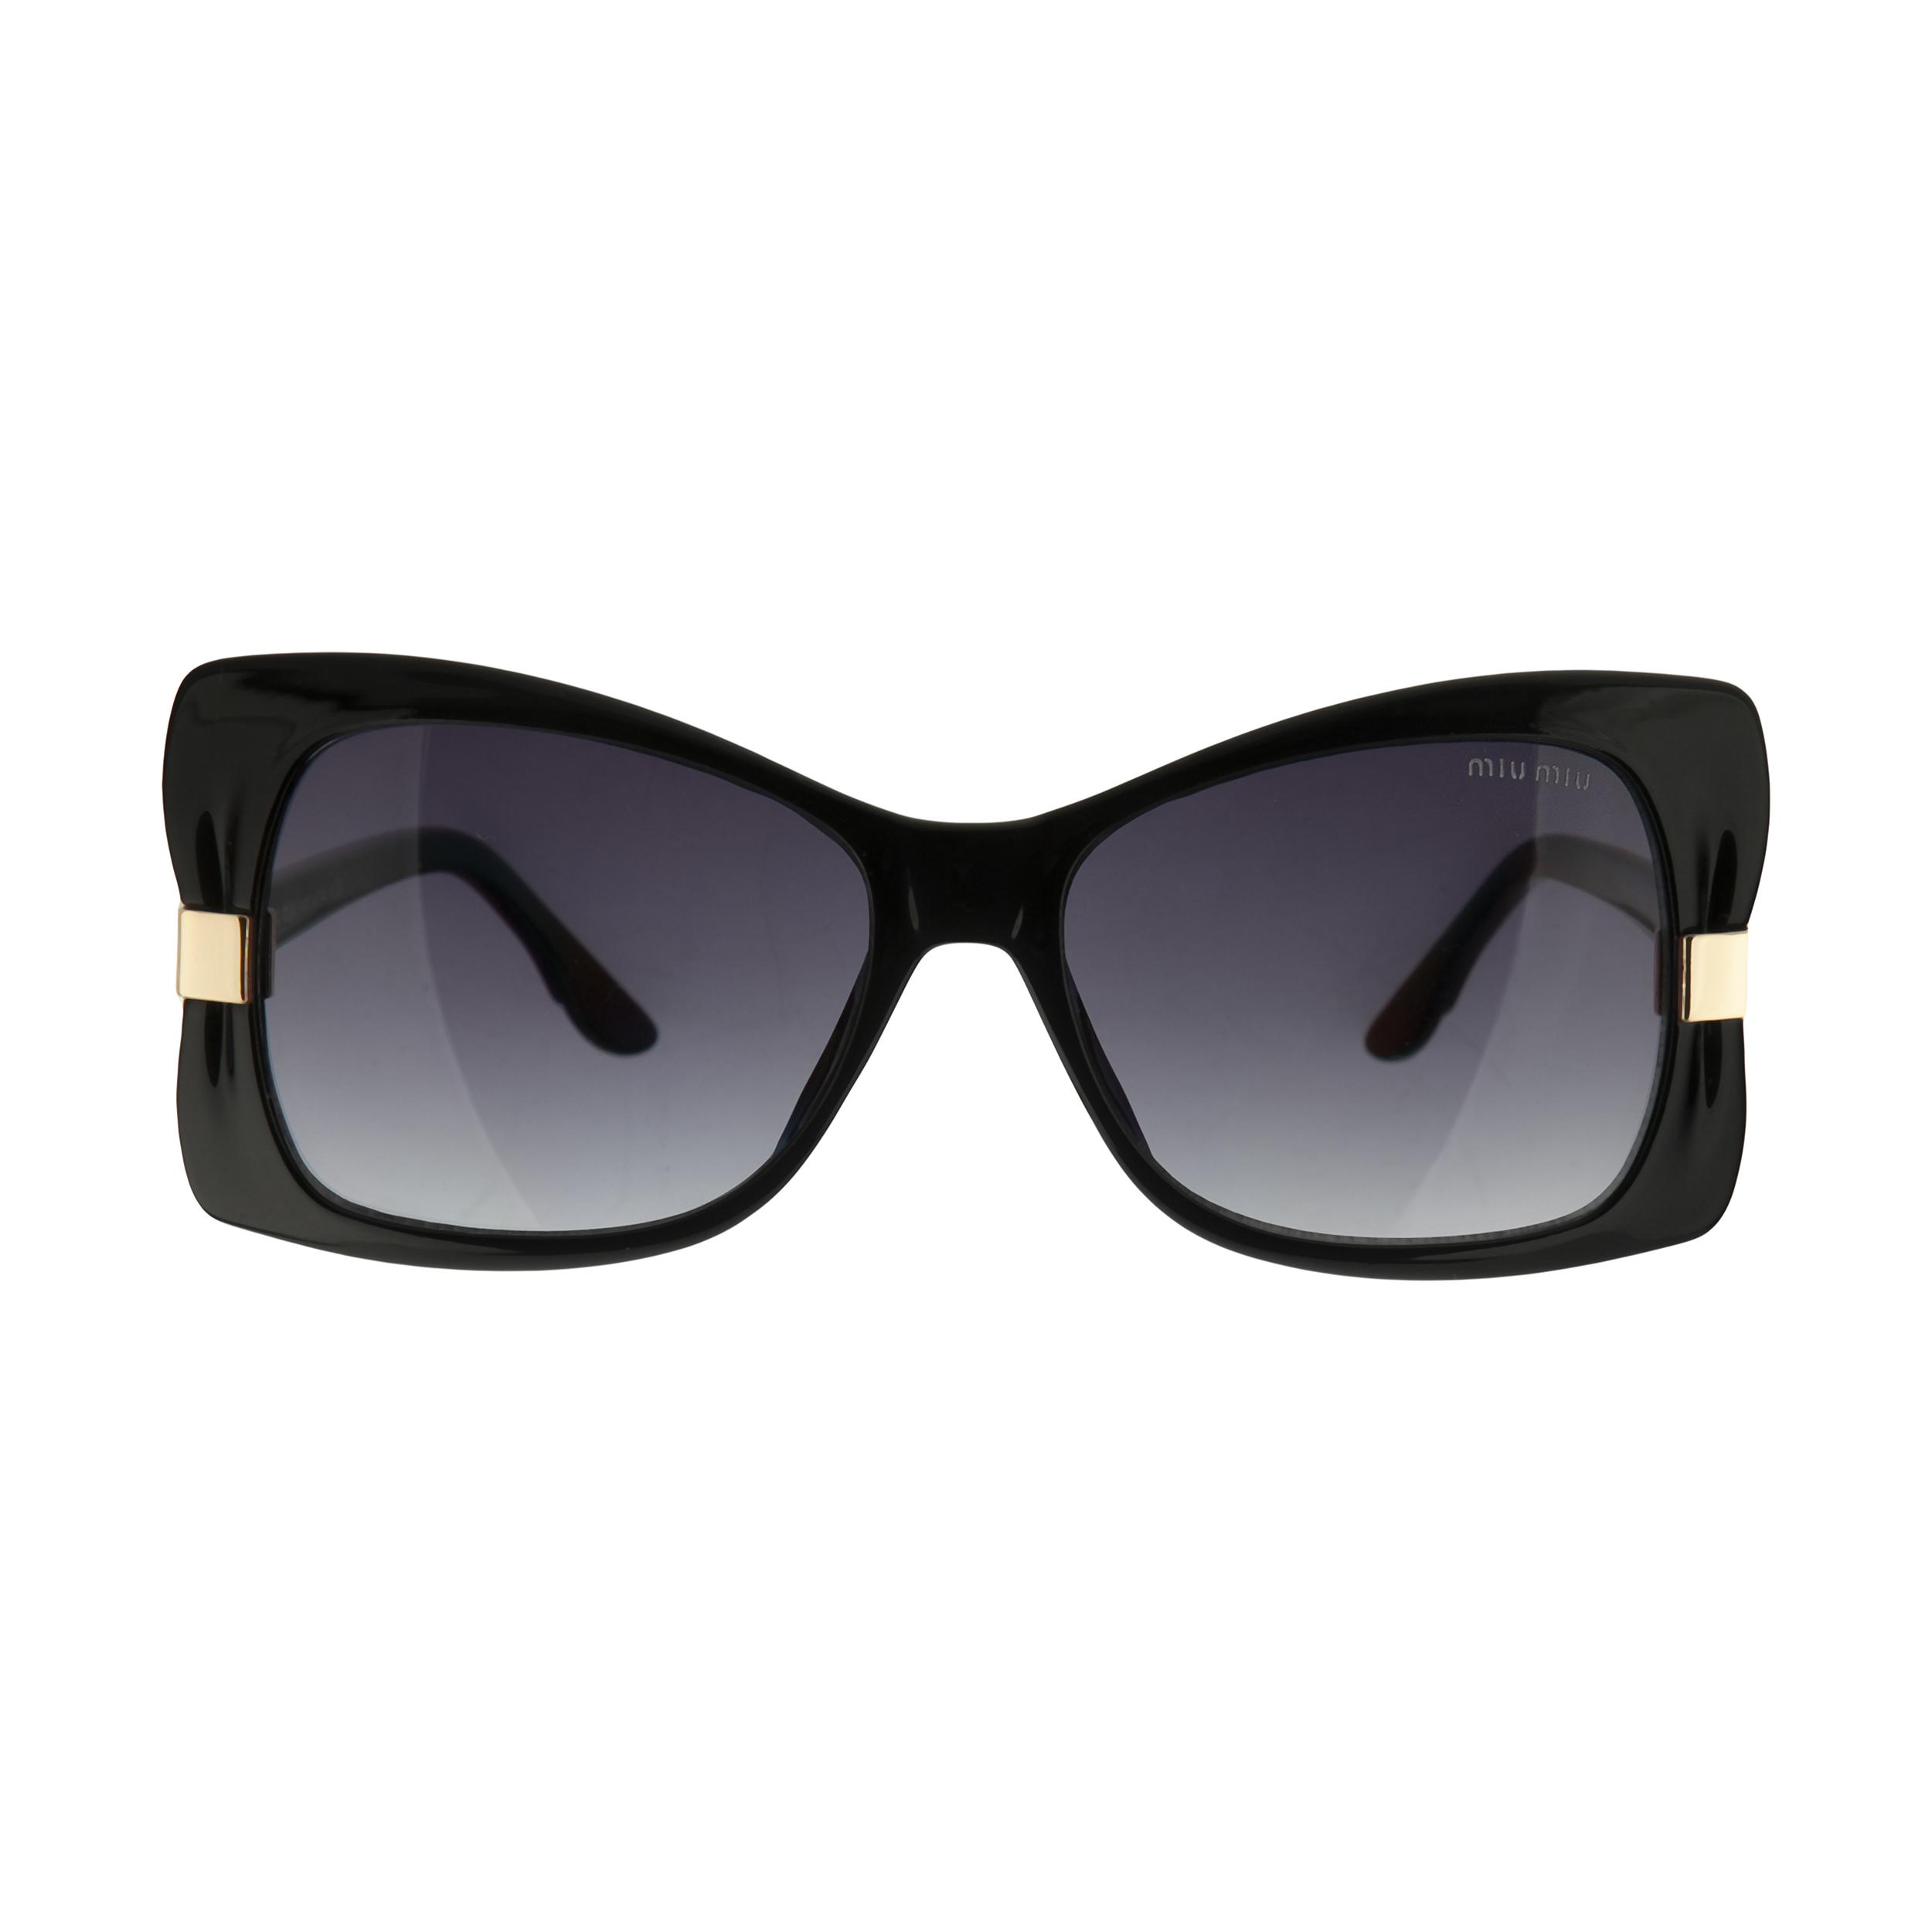 عینک آفتابی زنانه میو میو مدل 81G